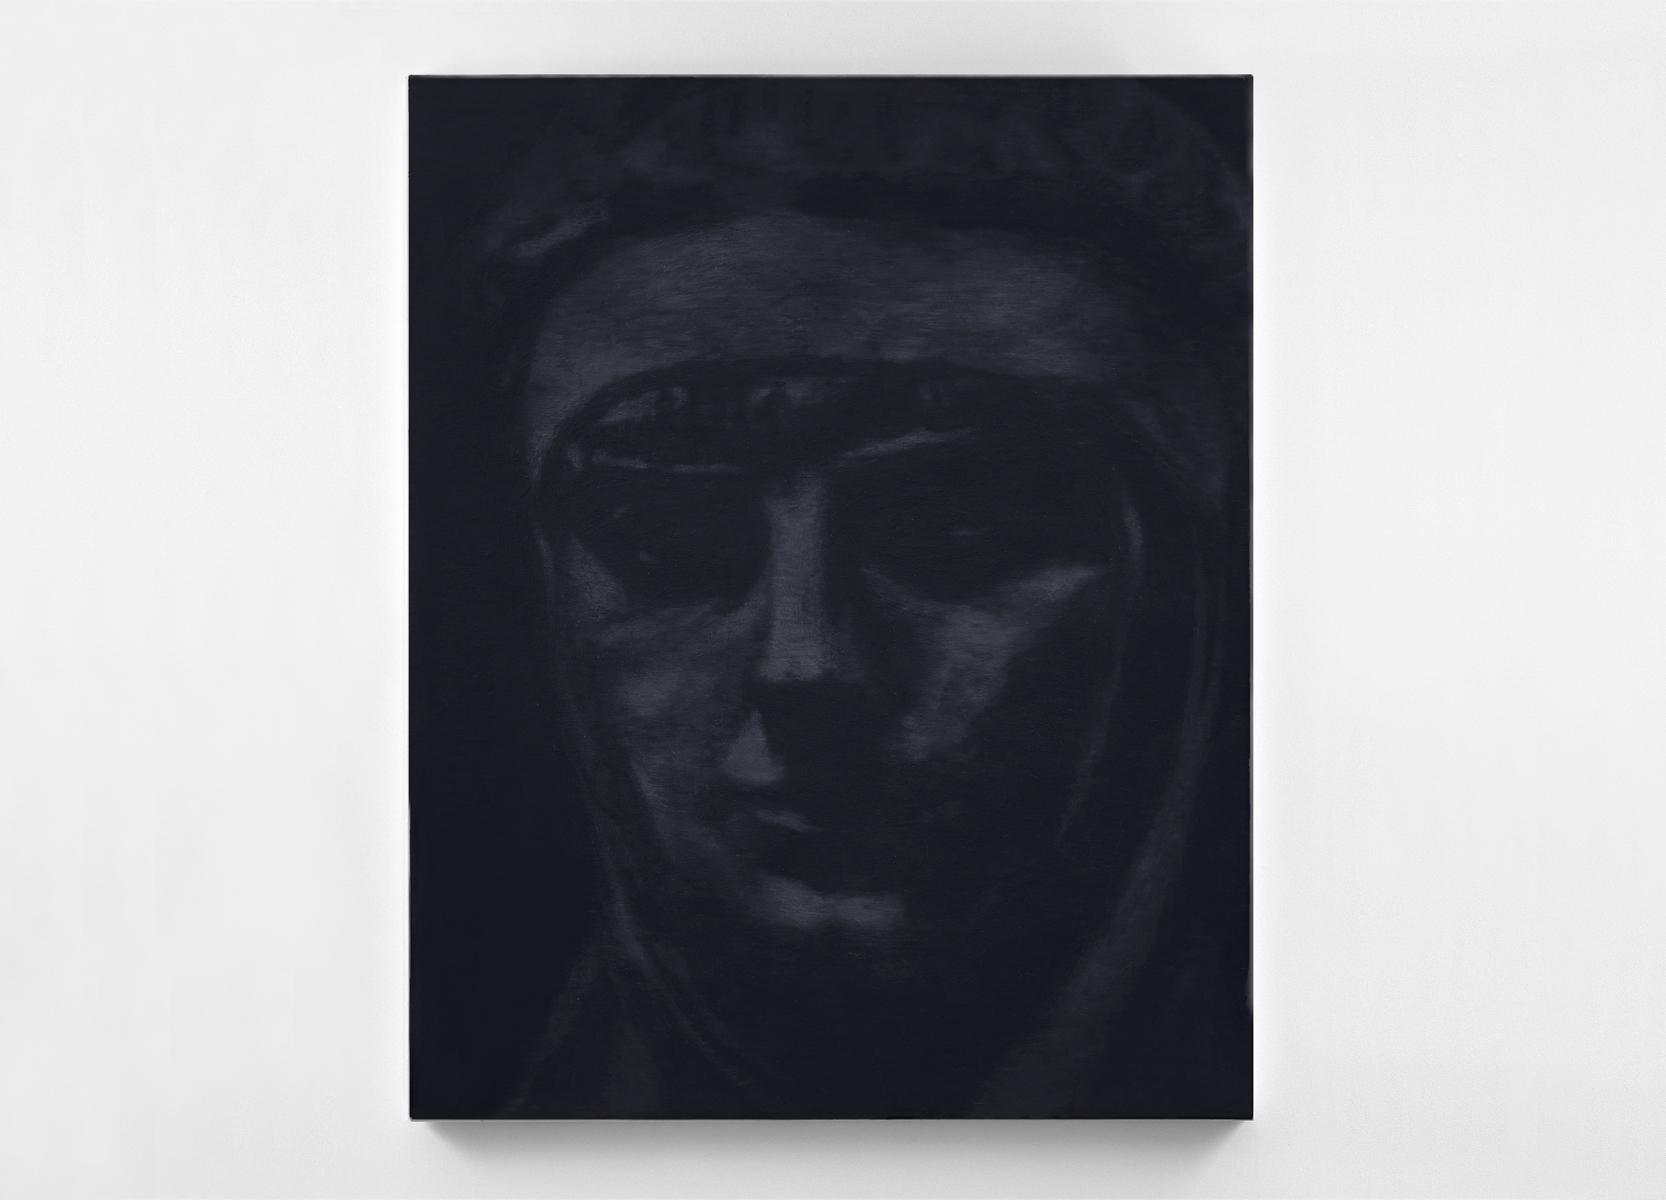 Ona / 2015 / 125 x 160 x 4 cm / oil on canvas